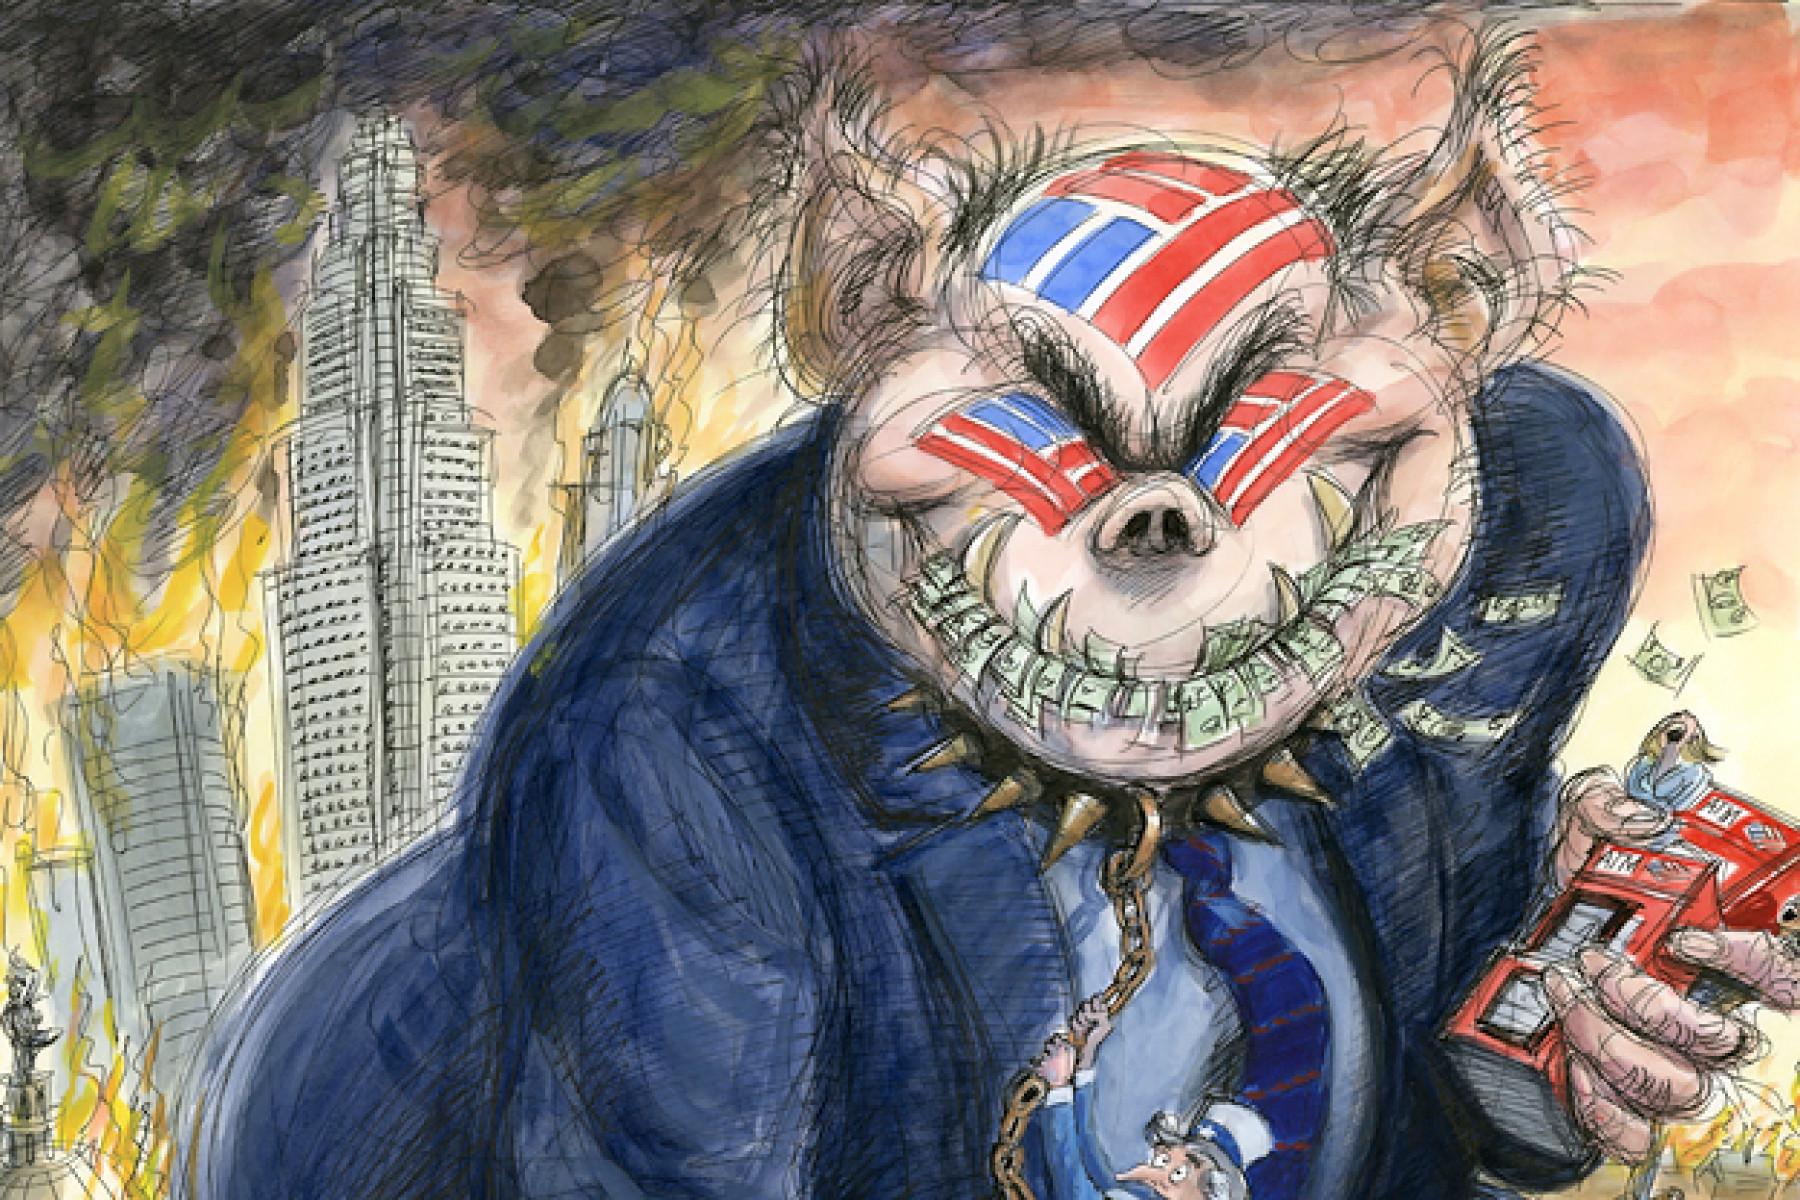 """Ο Ηλίας Καραβόλιας εξηγεί πως ο κορωνοϊός έγινε αφορμή για να μοχλευθεί ο καπιταλισμός. Πως οι κυβερνήσεις σε συμπαιγνία με τις τράπεζες διασώζουν τις μεγάλες εταιρίες. Και πως οι """"πρωταθλητές"""" θα κάνουν επέκταση με το (νέο) χρέος των φορολογουμένων. new deal"""